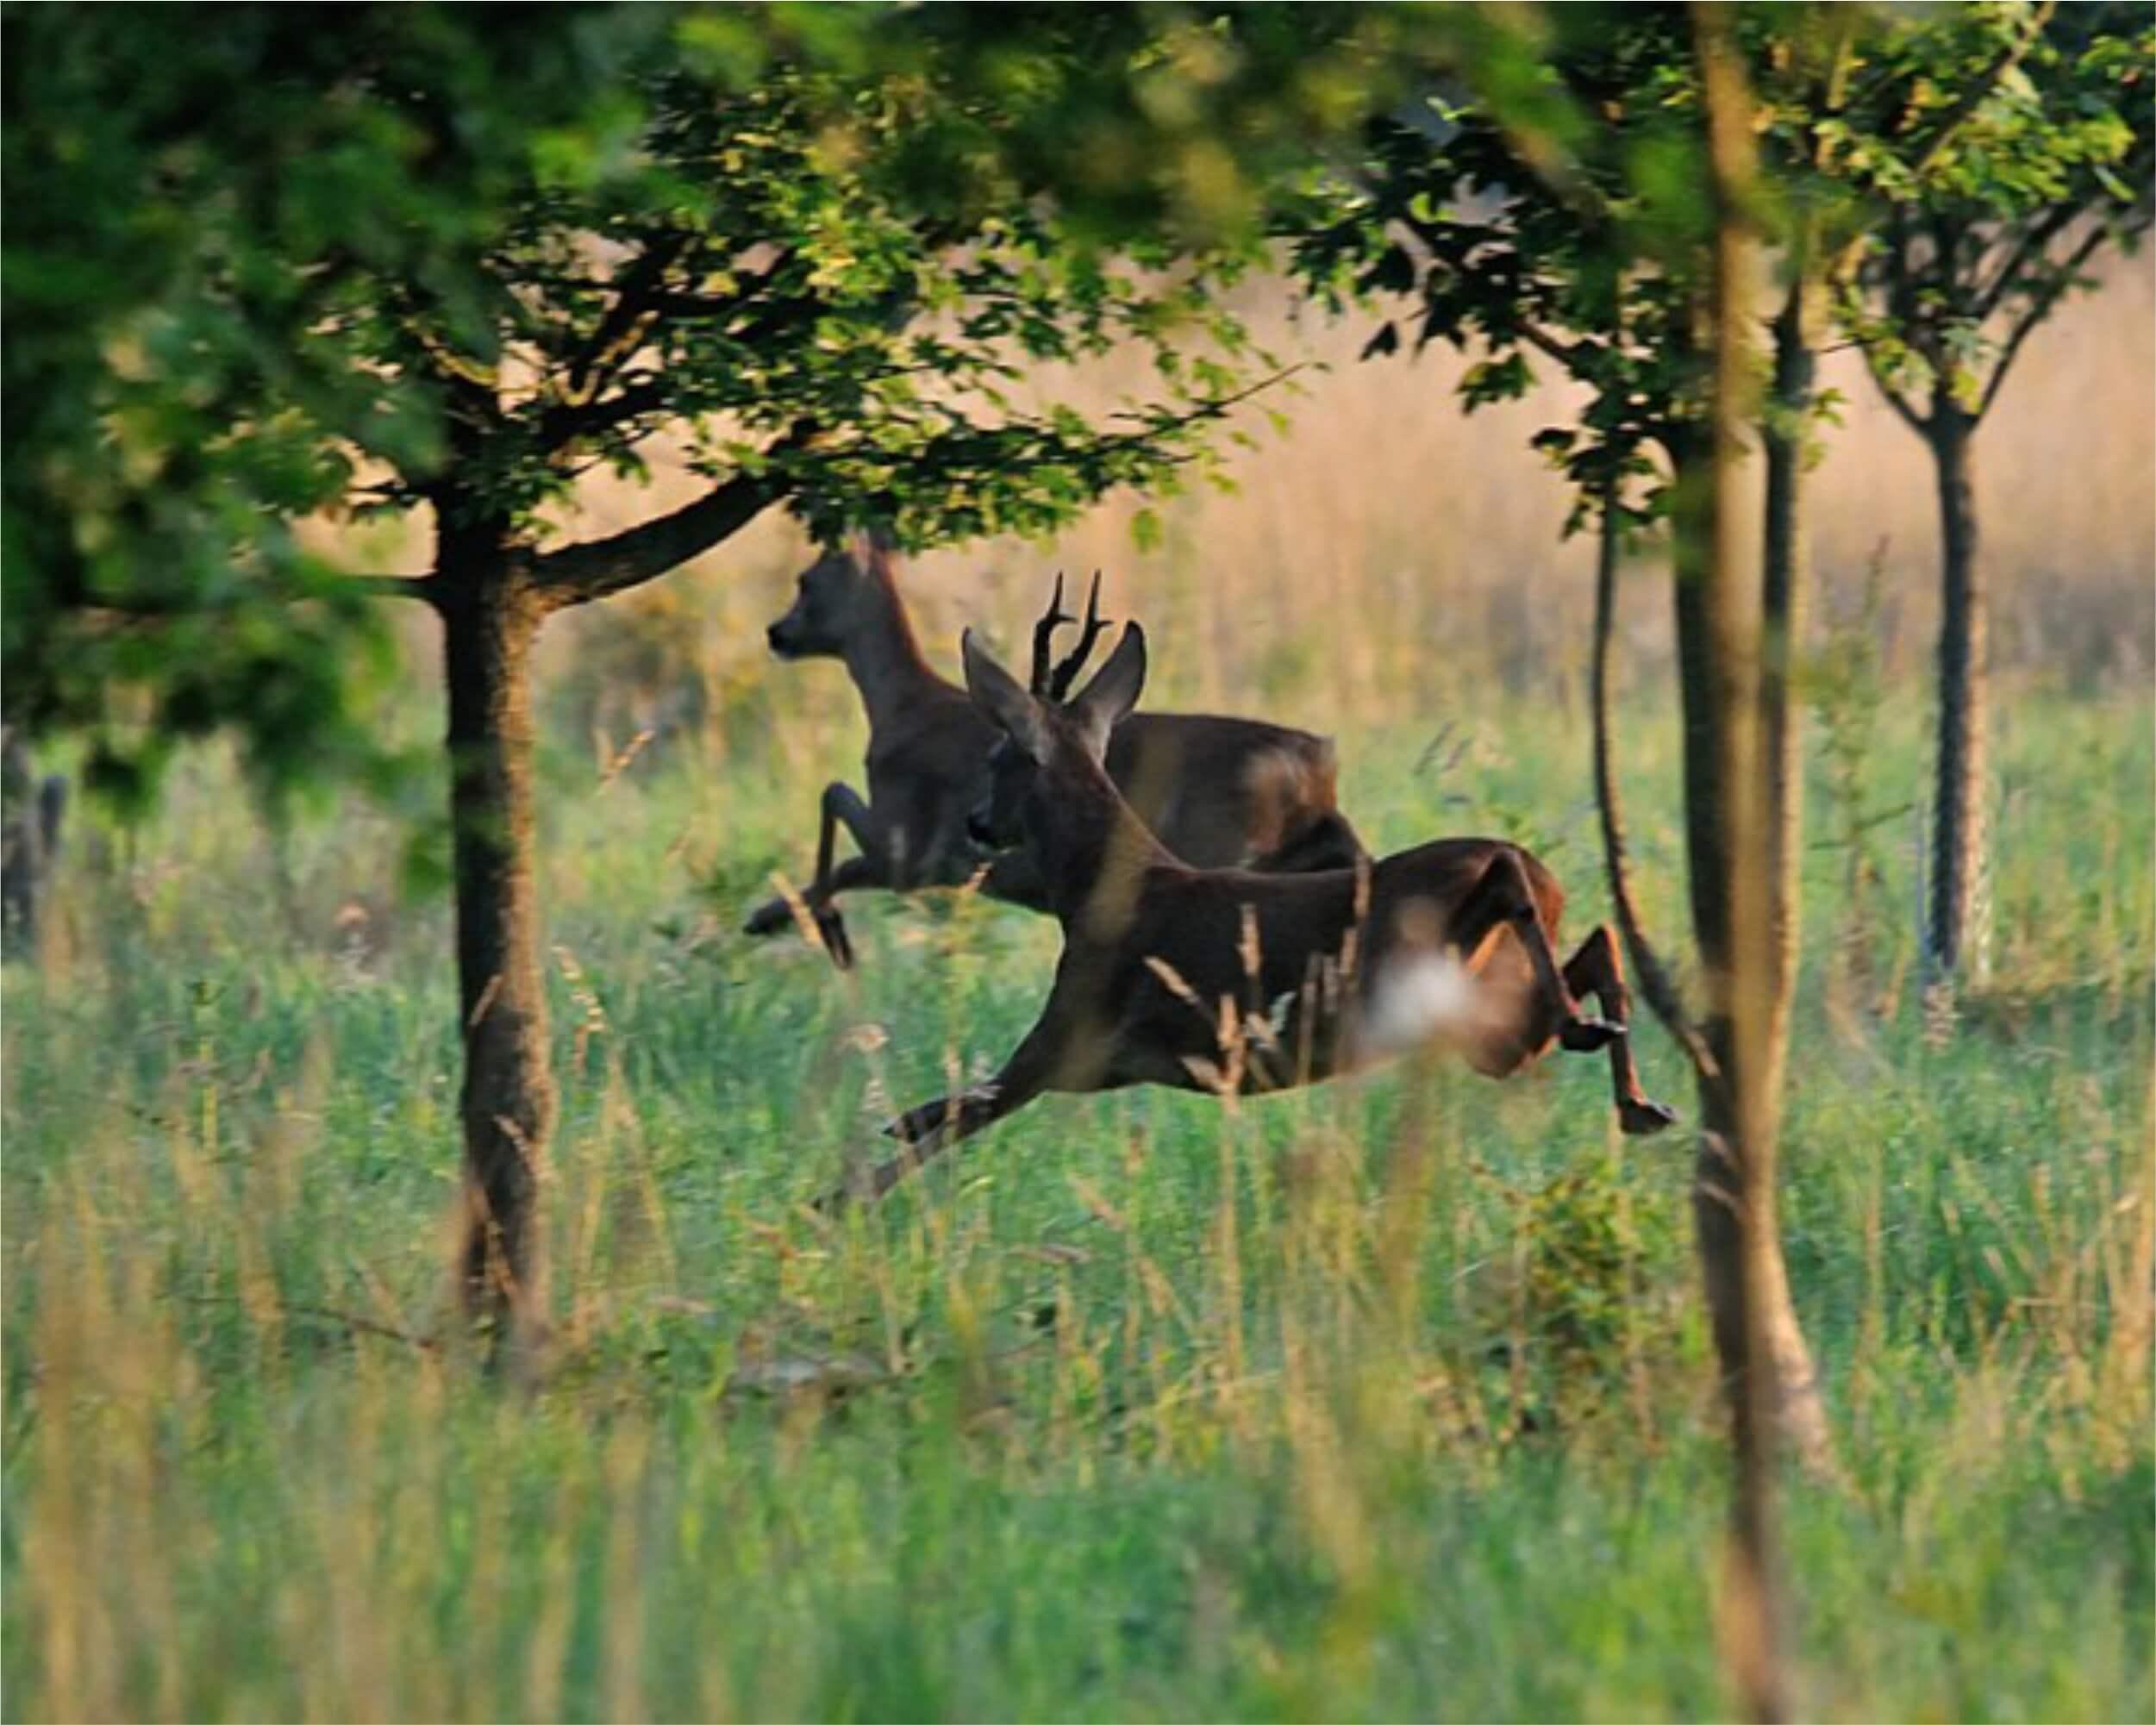 Roe deer hunting in Romania